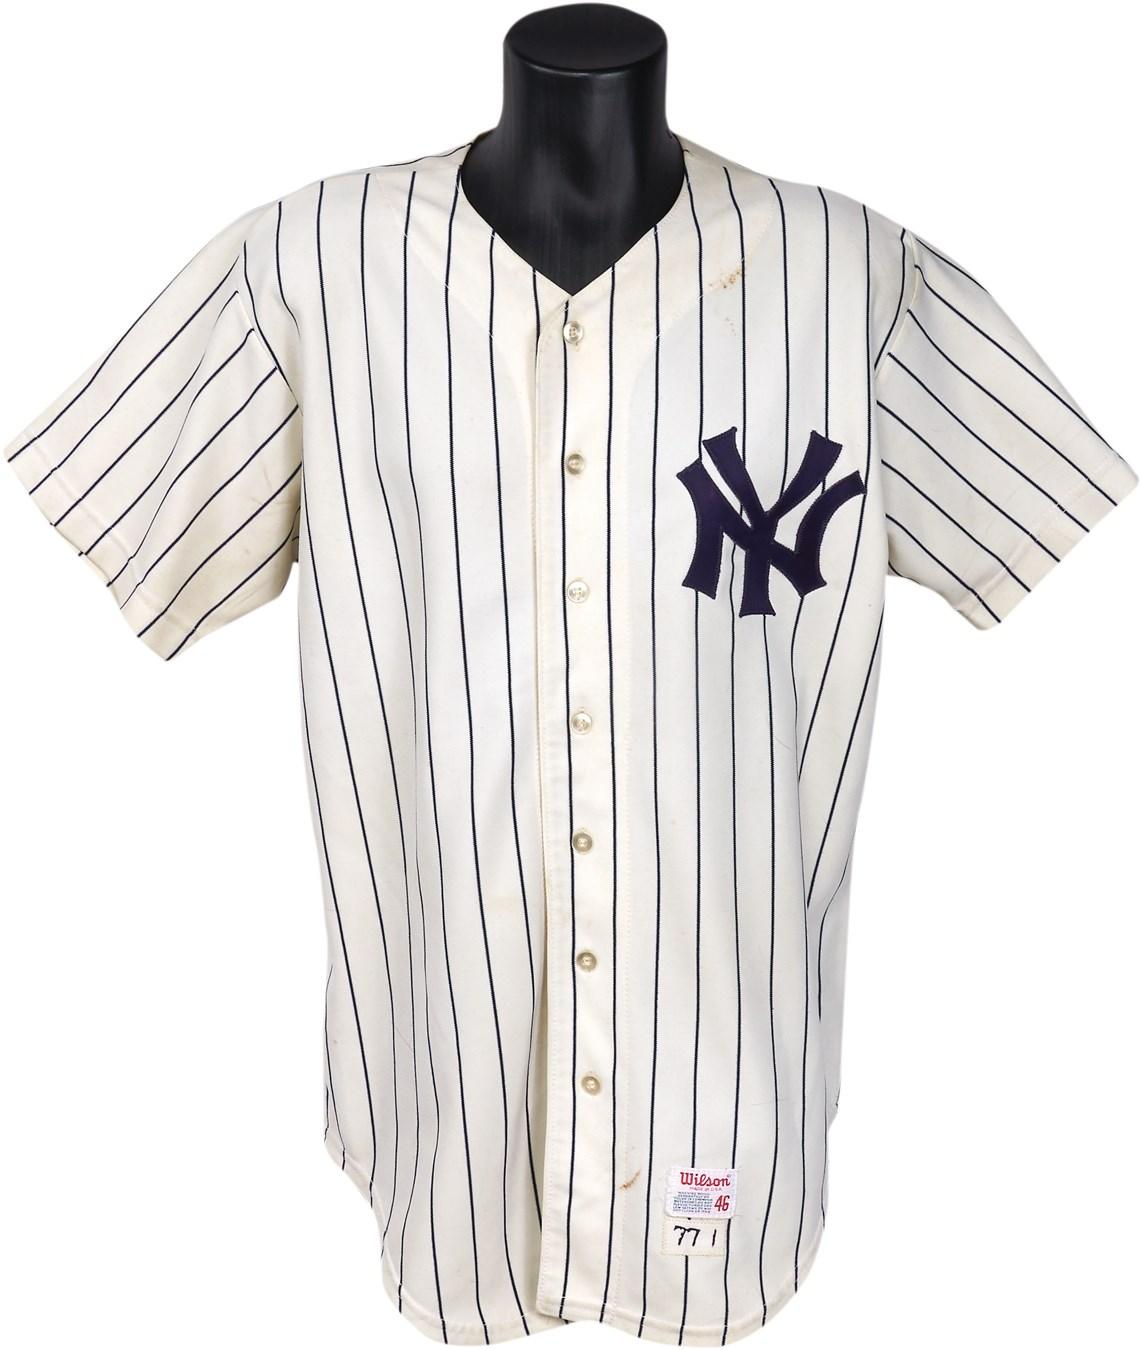 NY Yankees, Giants & Mets - Steel17